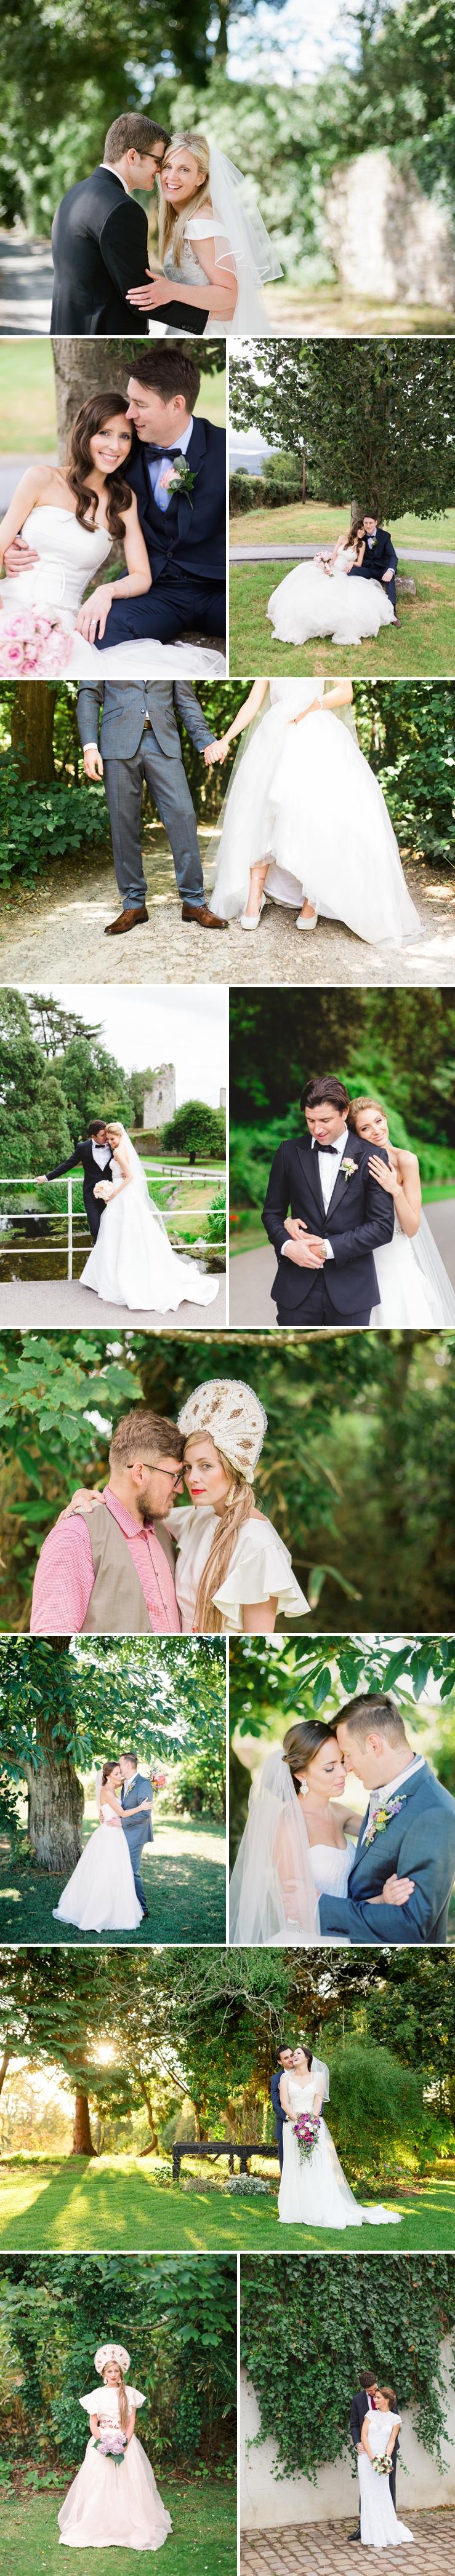 Perfect Day, svadba, slovensko, kde fotit svadobne portrety_0039